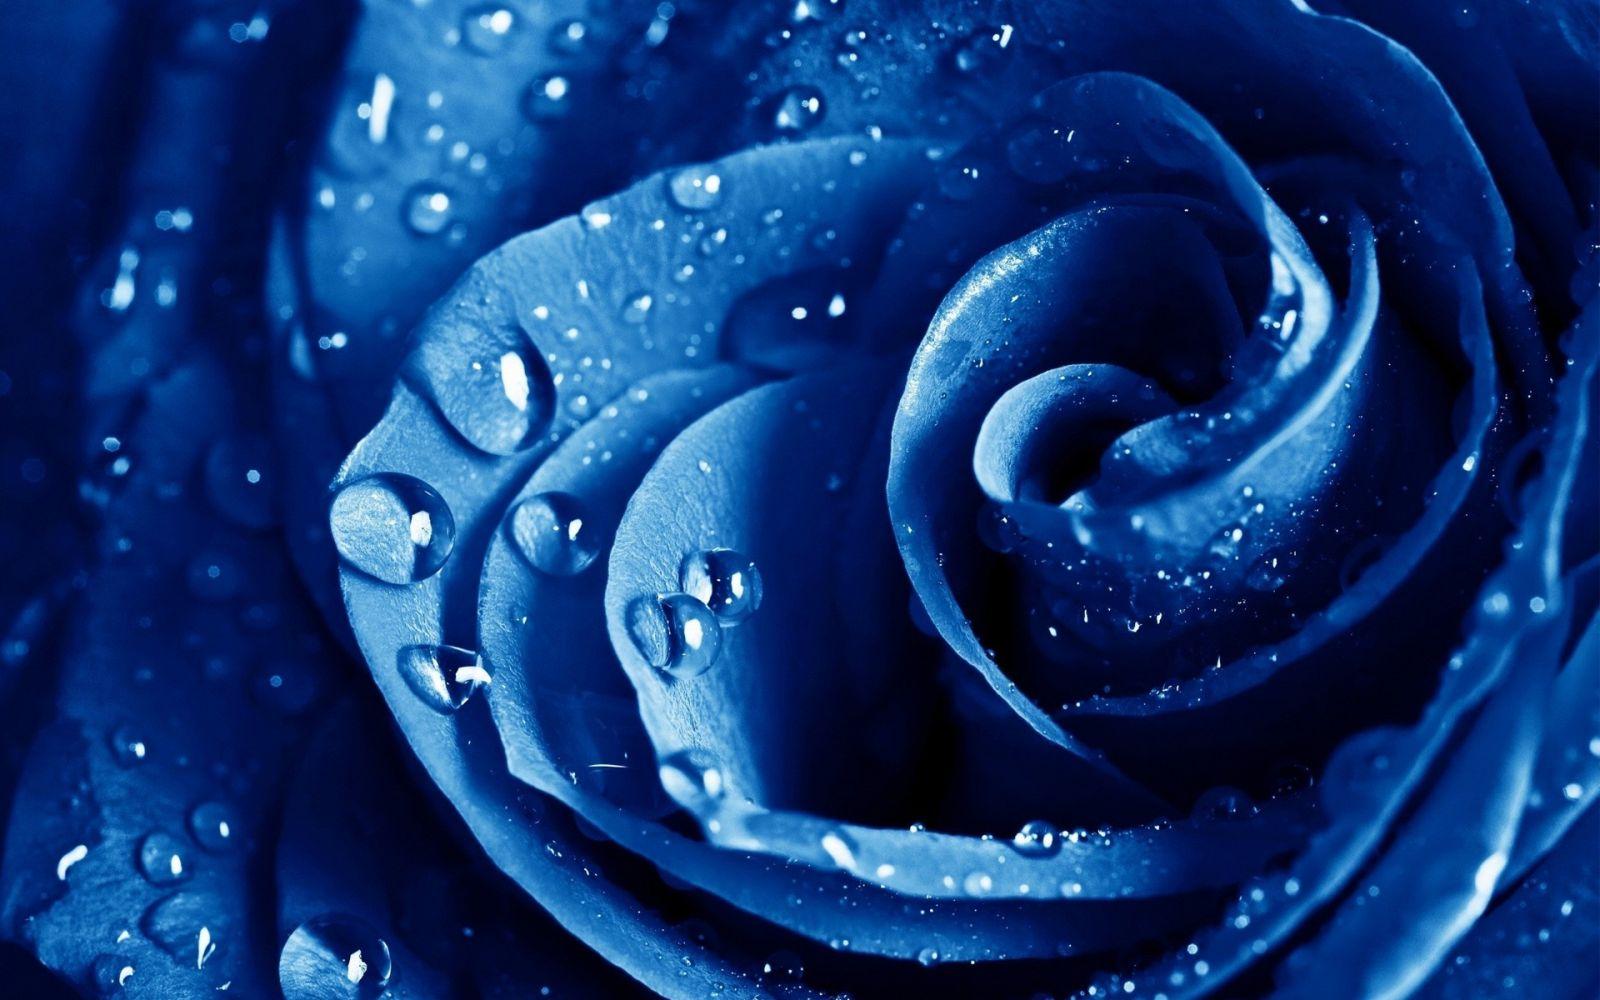 Hình nền hoa màu xanh